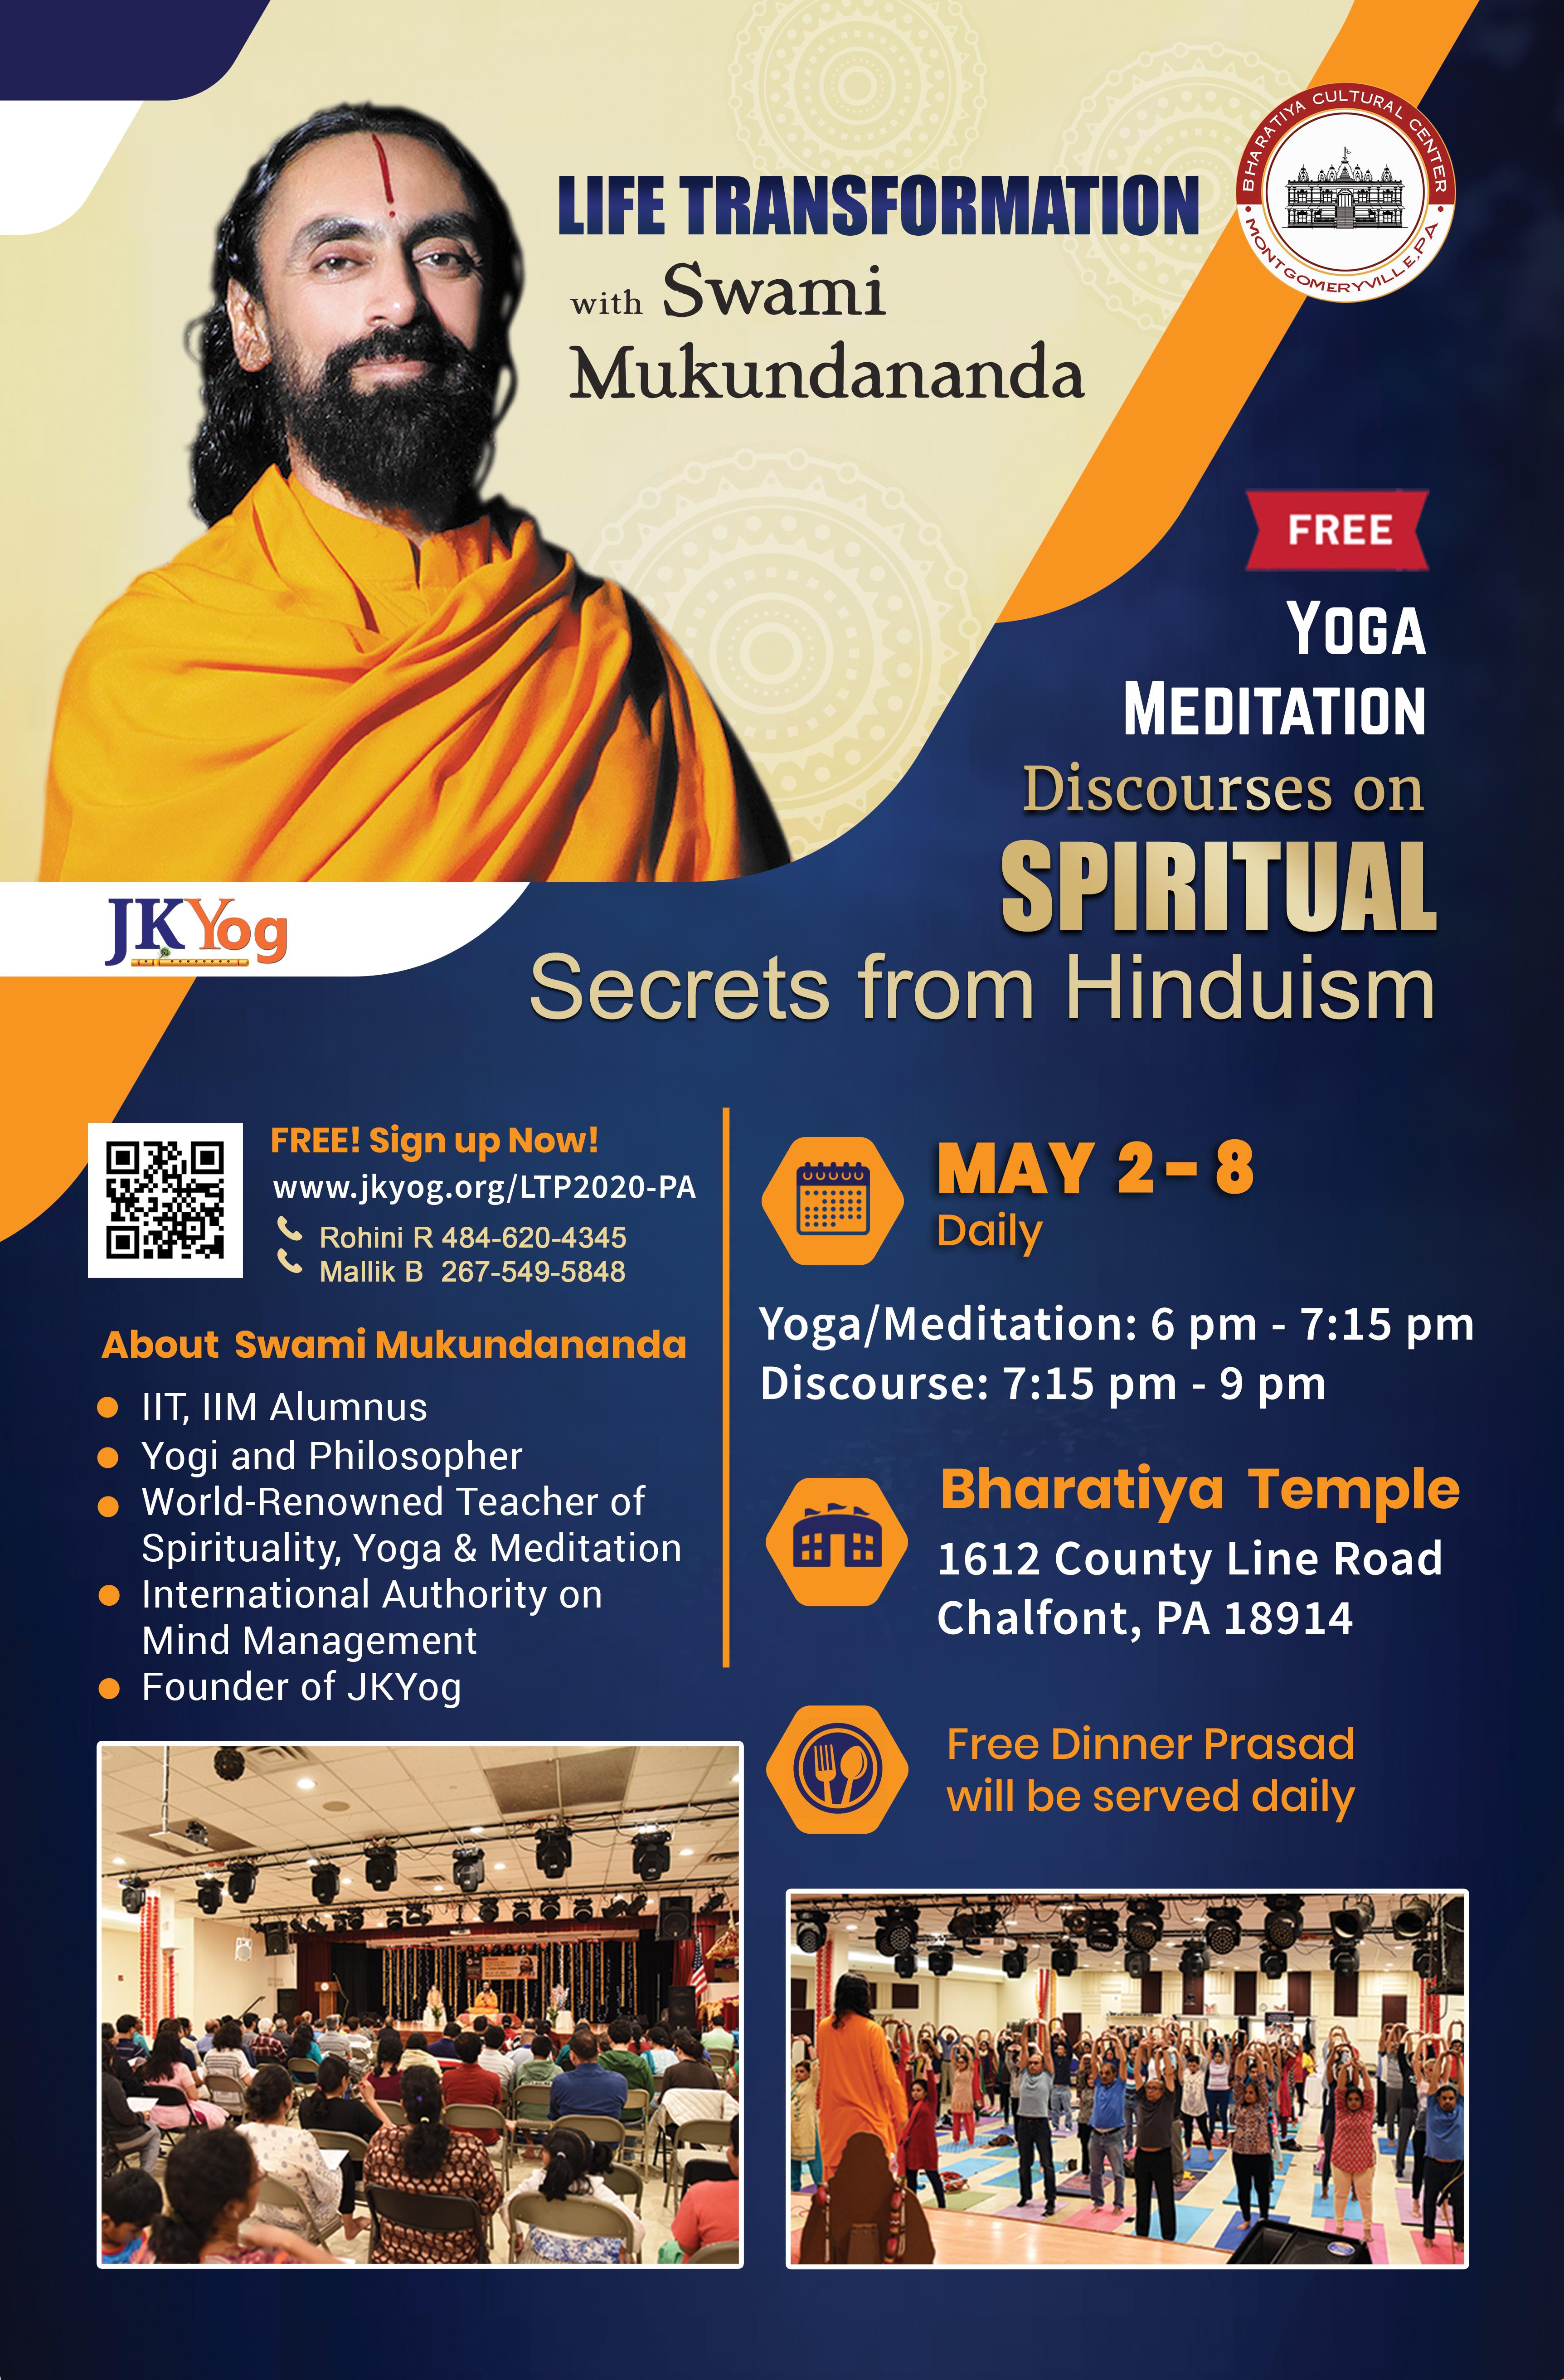 Free Yoga/Meditation/Discourses by Swami Mukundananda